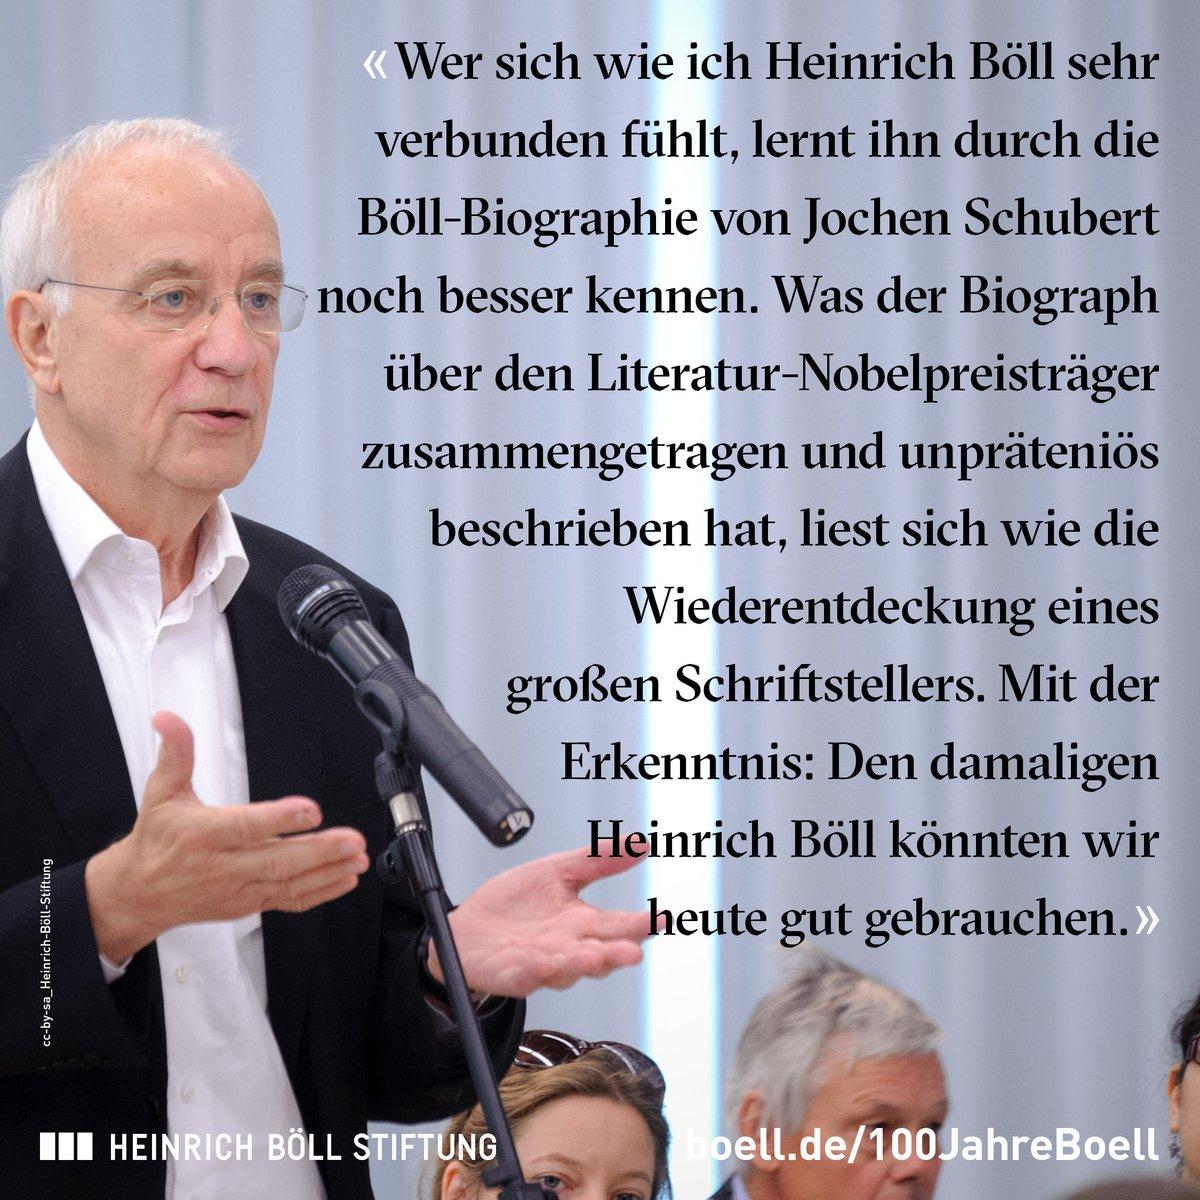 heinrich bll stiftung on twitter der journalist und frhere wdr intendant fritz pleitgen ber die bll biographie von jochen schubert - Heinrich Bll Lebenslauf